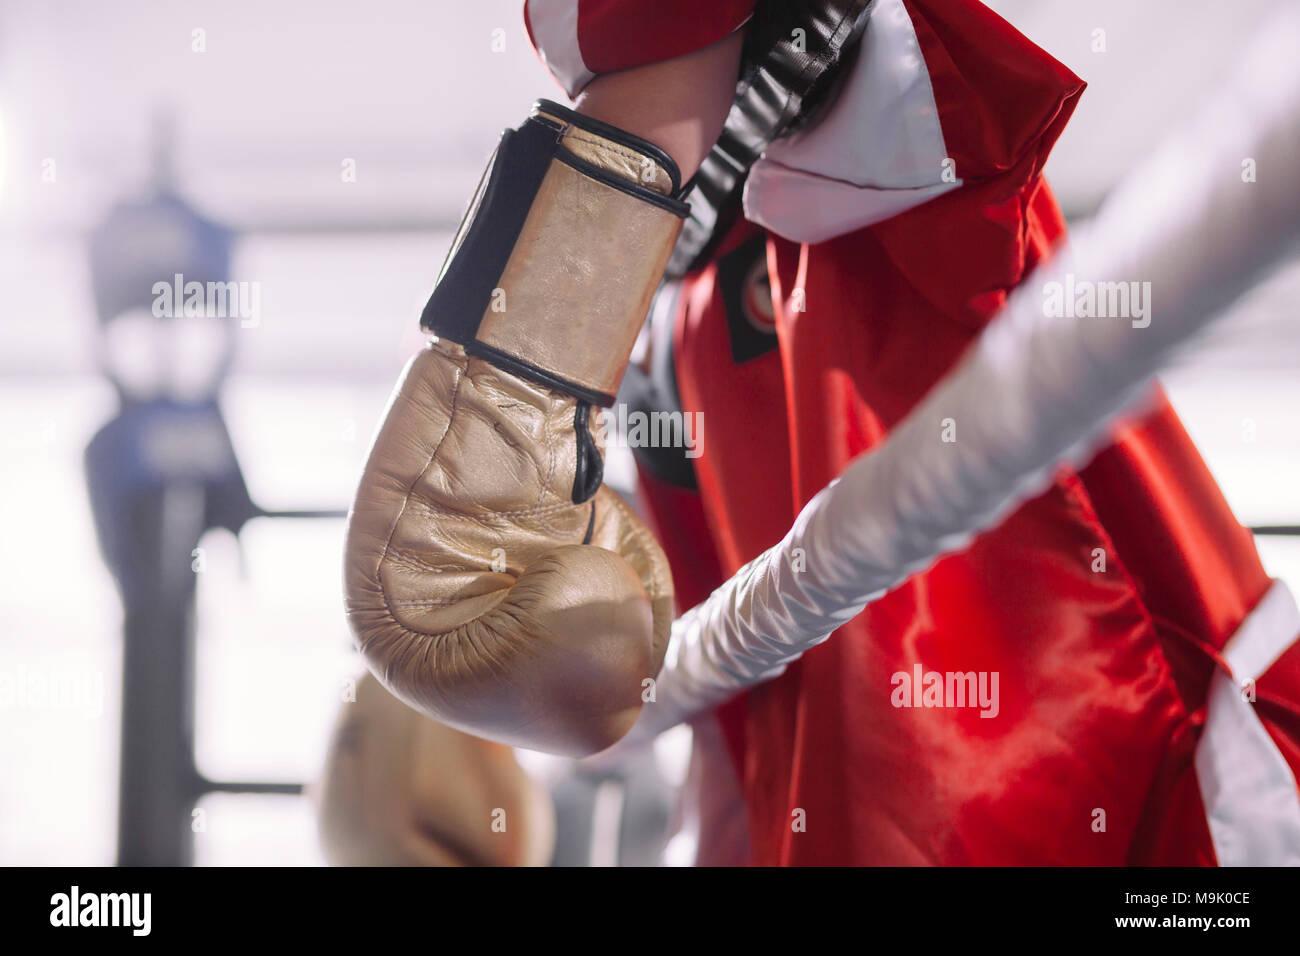 Vista lateral de la filmación en rojo sportswoman sportswear colgando su amarillo guantes de boxeo de la cuerda del anillo. batalla perdida. atados fighter Imagen De Stock